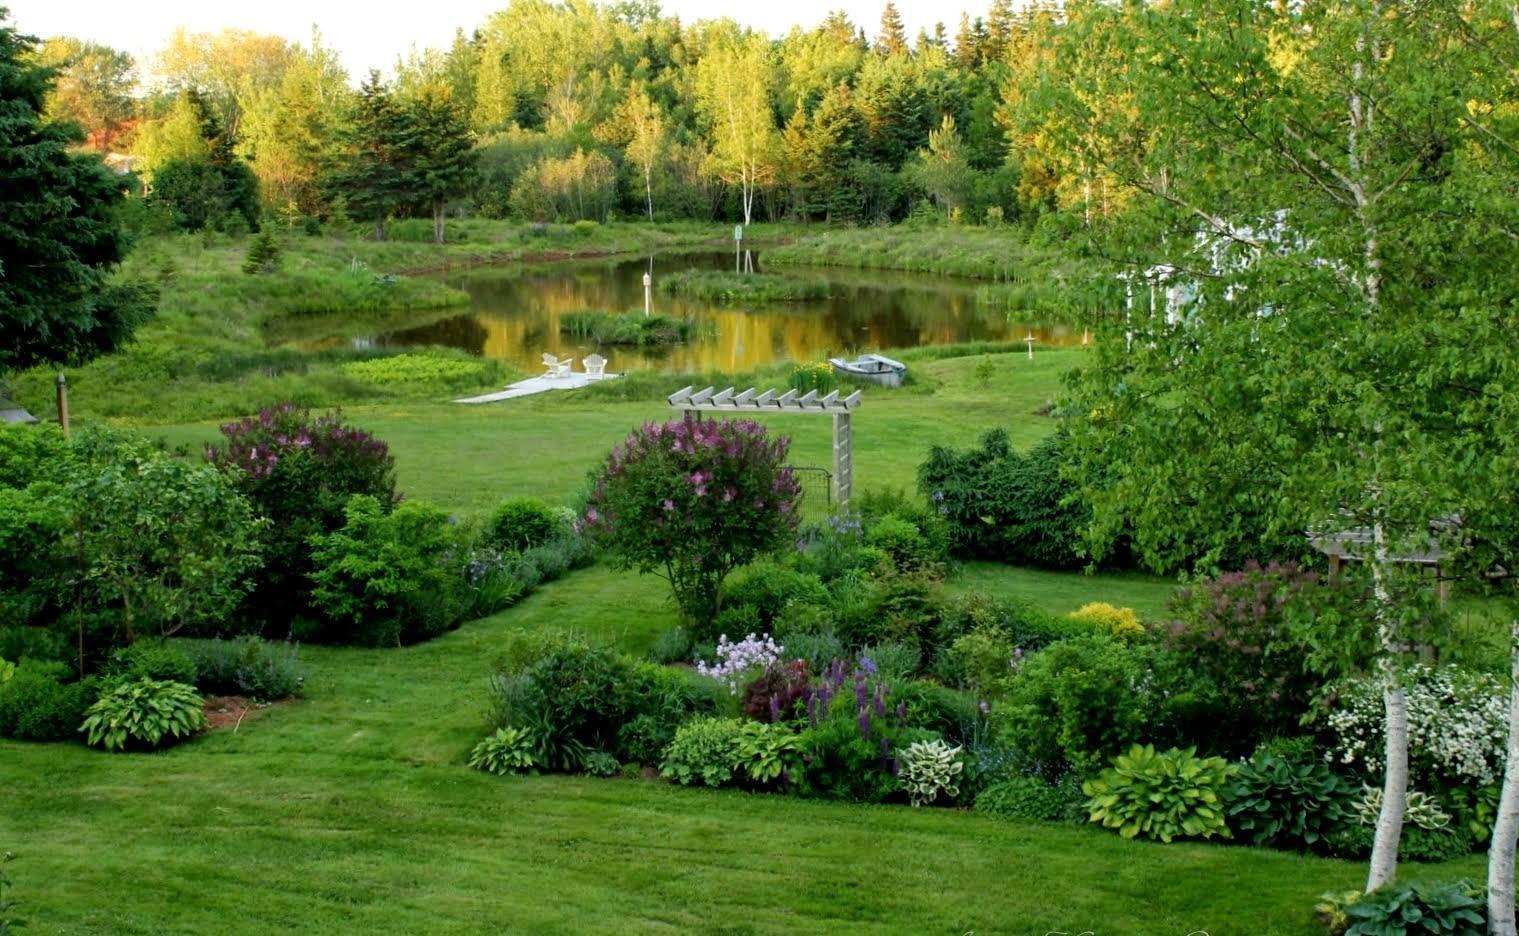 Záhrada,ktorá ťa nikdy neomrzí...divoká a krásna - Obrázok č. 33